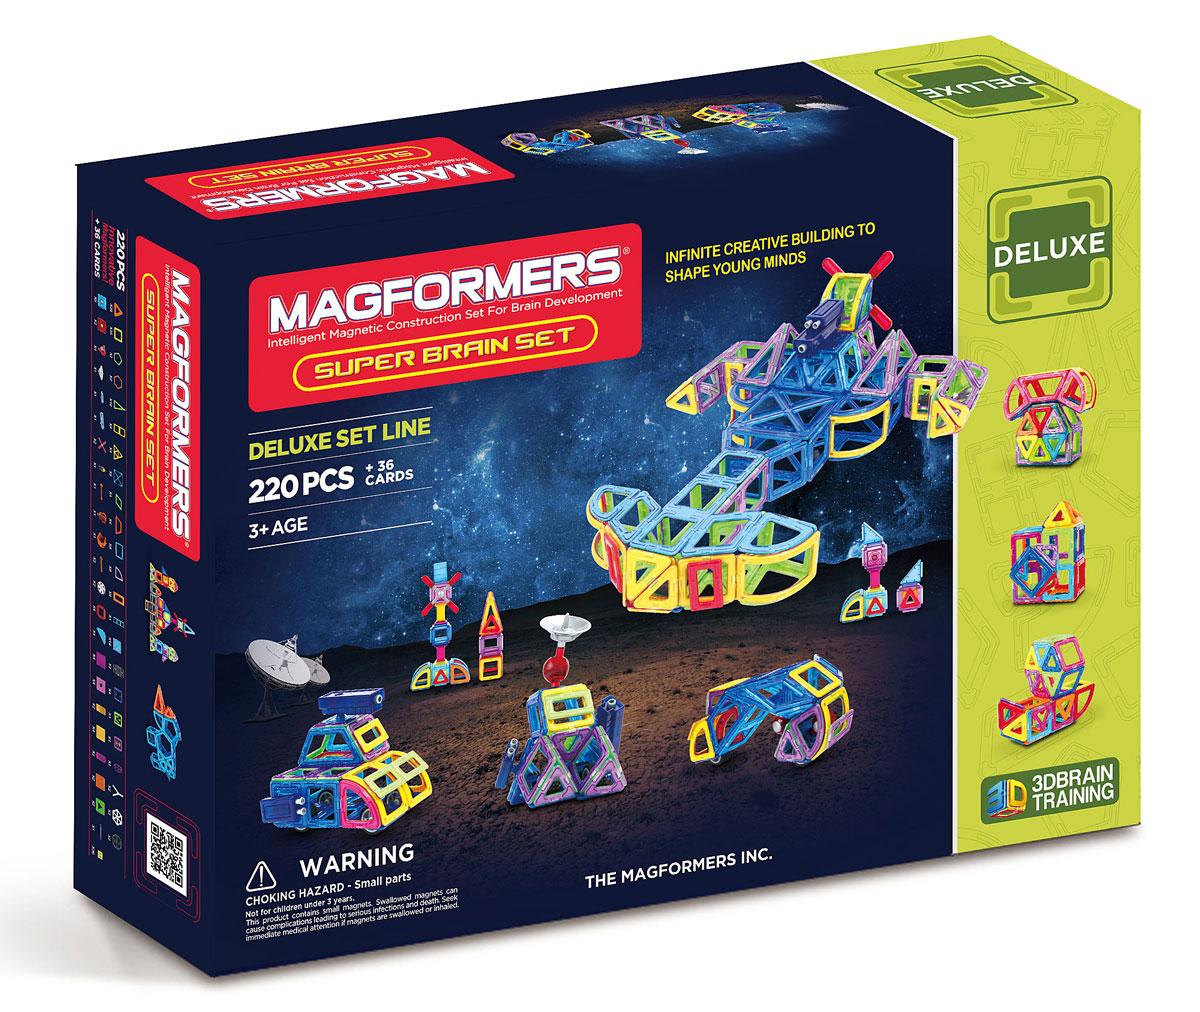 Magformers Магнитный конструктор Super Brain Up Set63088В состав Magformers Super Brain Set, помимо стандартных элементов, входят арки, сектора, маленькие прямоугольники, суперпрямоугольники, специальные аксессуары. Это кардинально новый подход к строительству машин, самолетов, вертолетов и межпланетных кораблей. Magformers Super Brain Set объединяет почти все основные средние наборы! Итак, что же можно сконструировать, используя элементы этого набора? Карусель — в составе есть специальное основание и крепление для карусели. Причем карусель будут подвижной: в ней можно катать пассажиров, ведь в набор входят фигурки мальчика и девочки, которые закреплены на специальных креслах и помещены в квадраты. вы сможете делать не только машины, но и различную строительную технику. В набор входит подвижная фигурка строителя, специальные блоки, шарниры и крепления, которые позволят сделать настоящий трактор с ковшом или подъемный кран с веревочным блоком. Мир авиации, военной техники и космических станций, ракет и прочего будет также доступен...